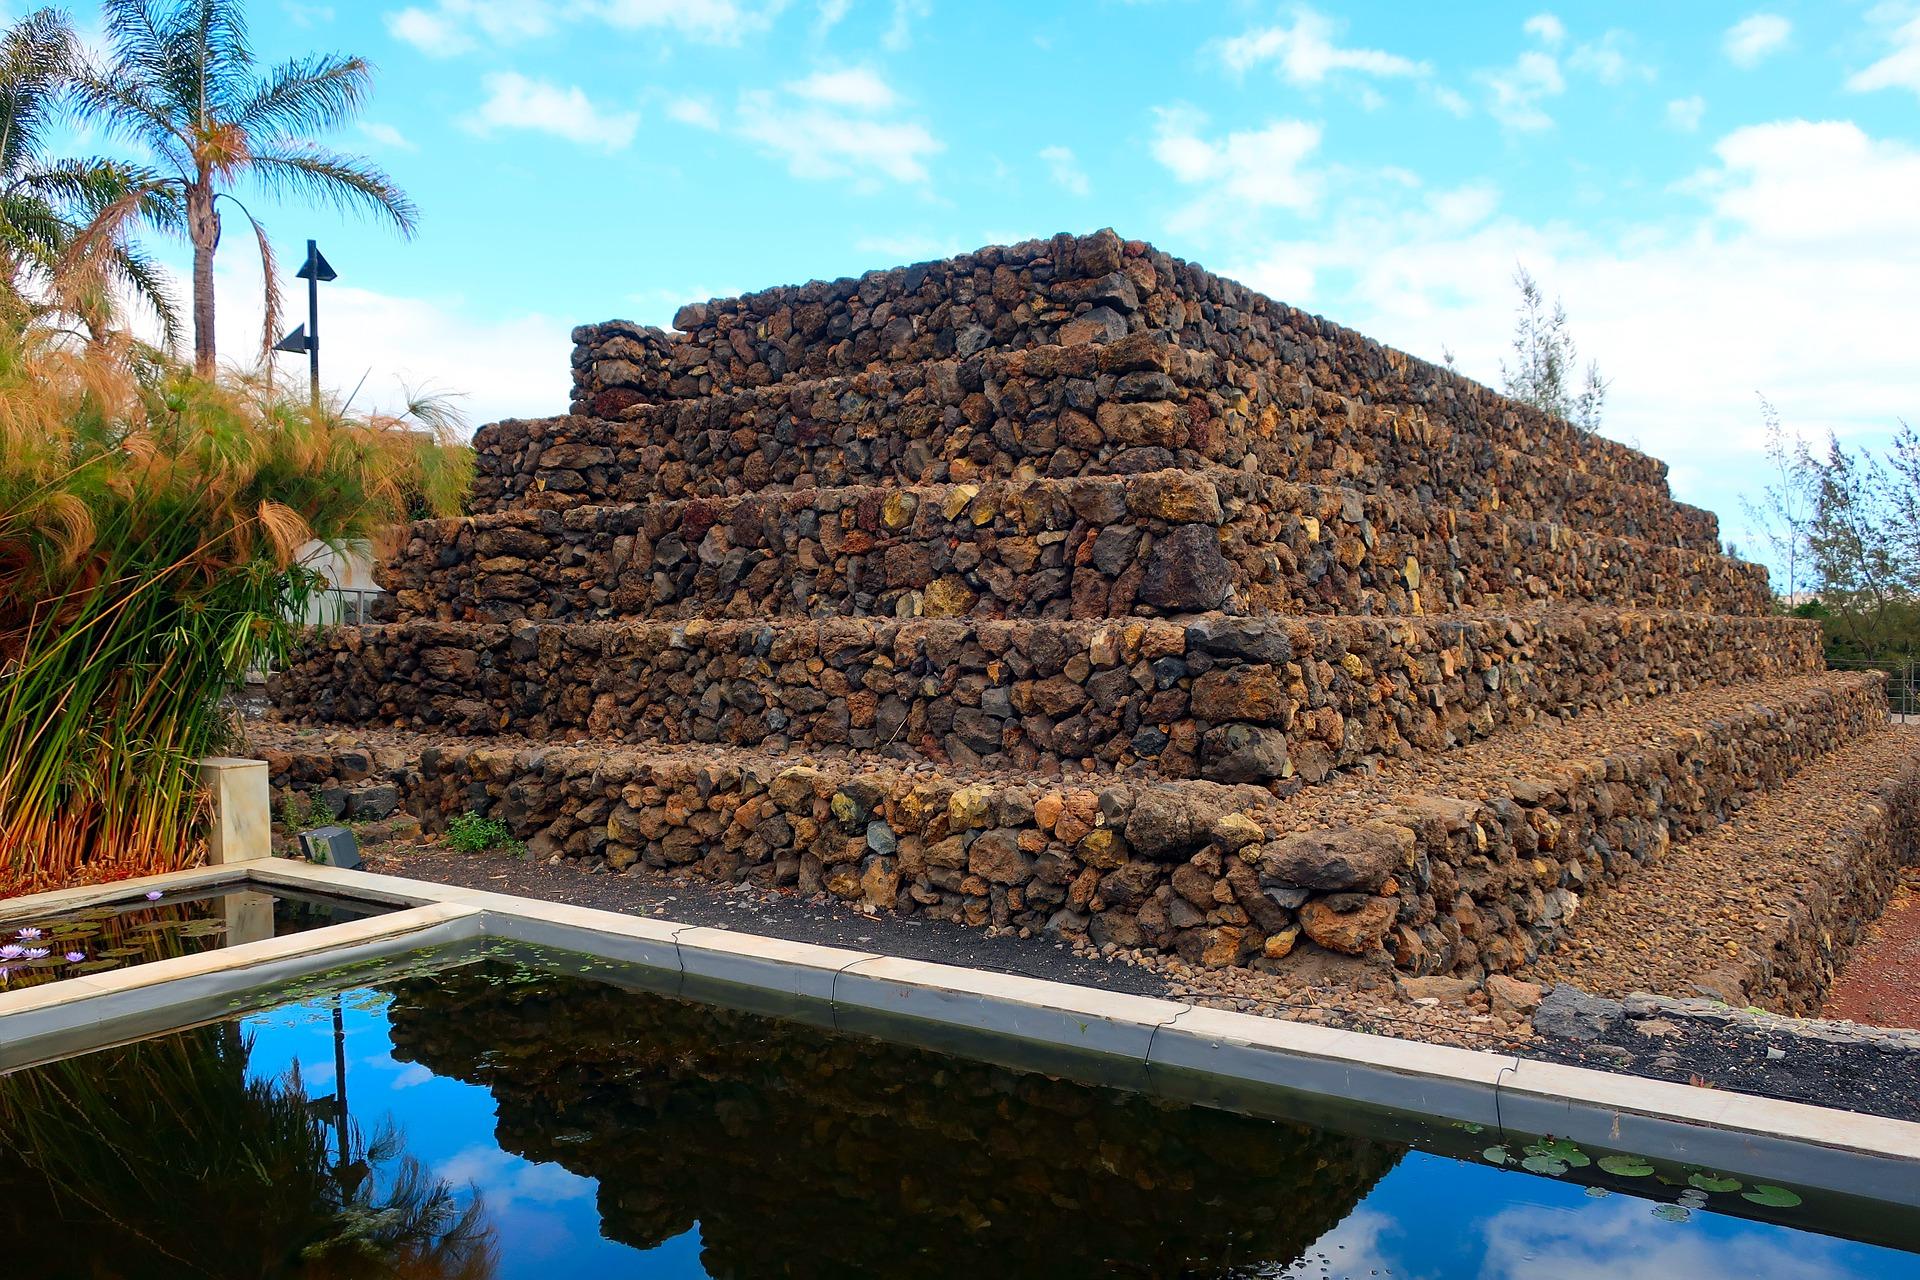 Іспанія Тенеріфе Пірамідес де Гюмар